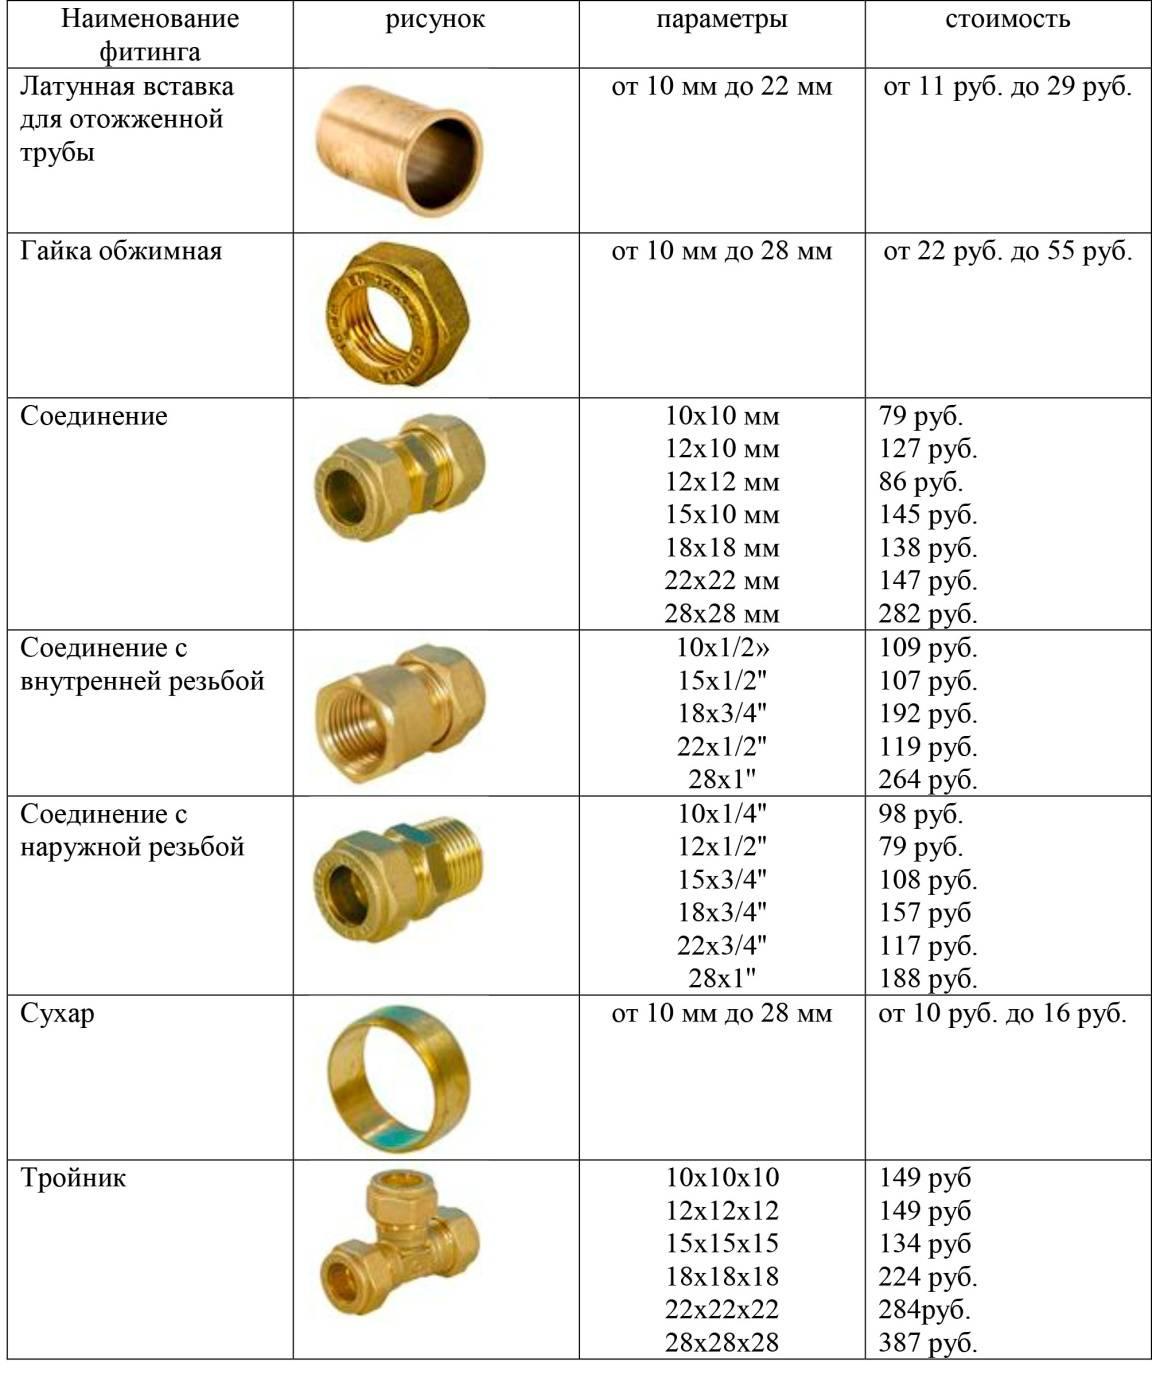 Фитинги для стальных труб – пресс, резьбовые и обжимные, компрессионные или под сварку, обзор всех видов соединительных элементов